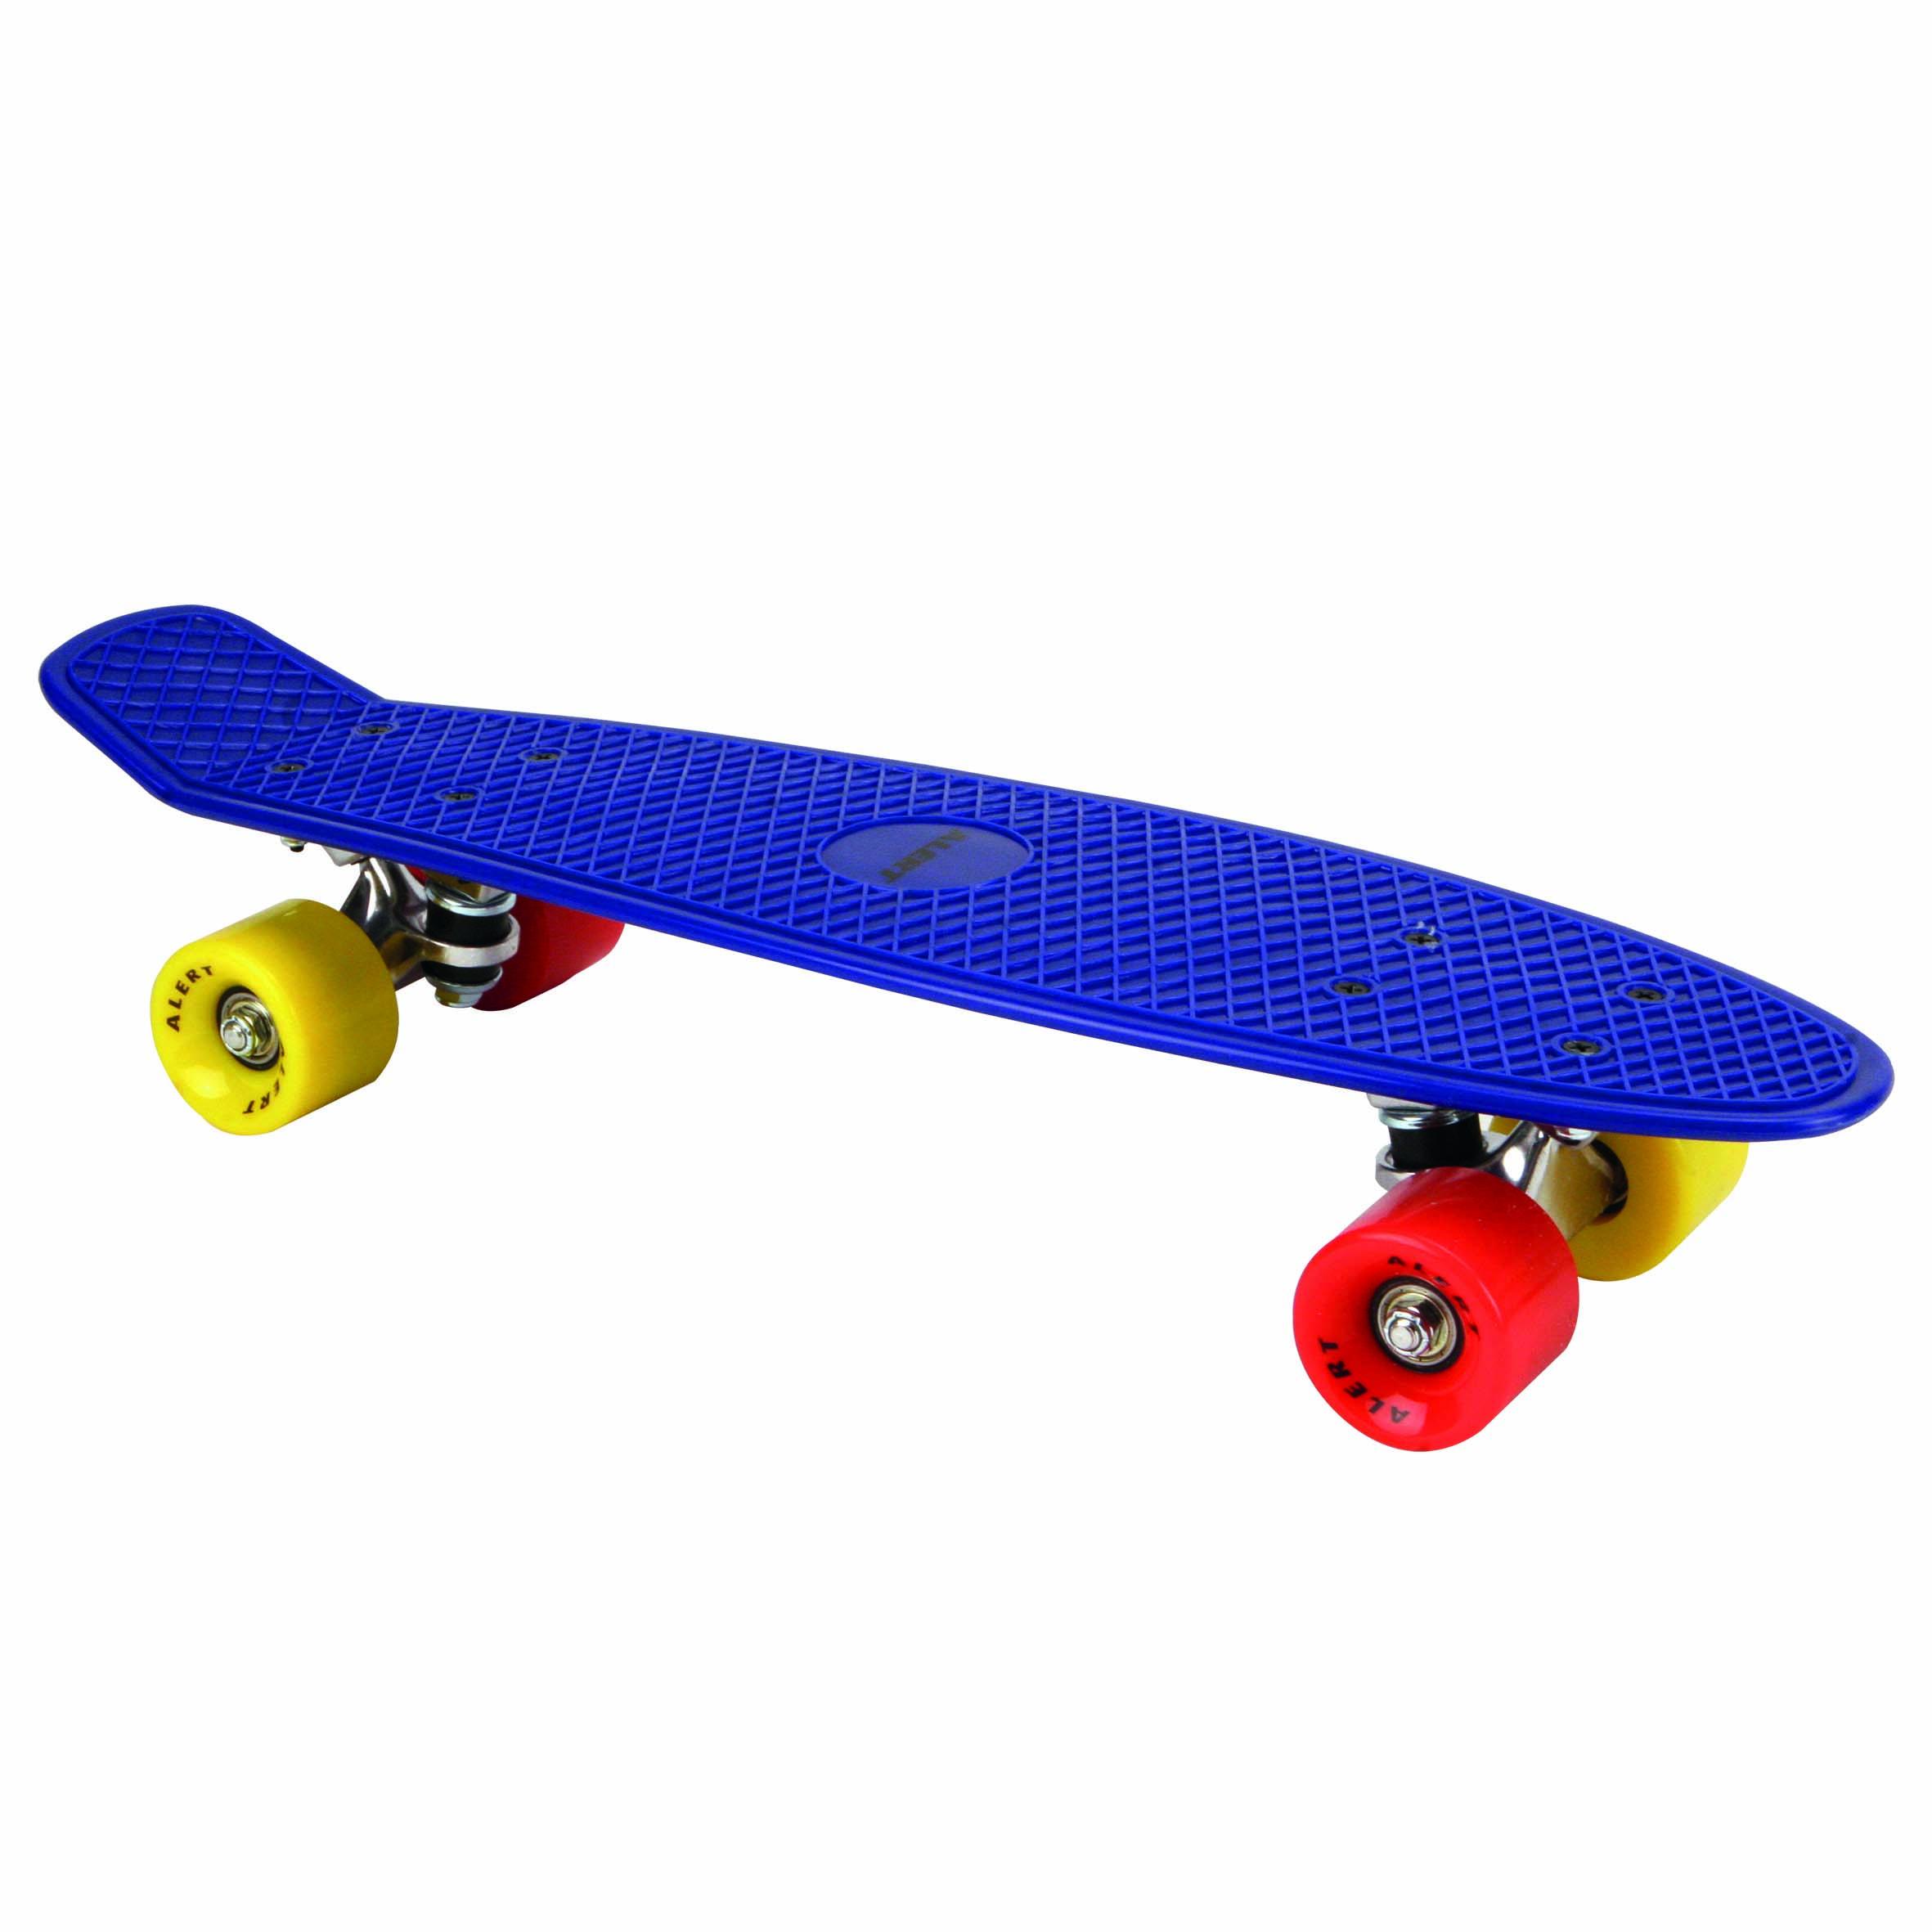 Afbeelding van Skateboard Blauw 55 Cm ABEC 7 Alert